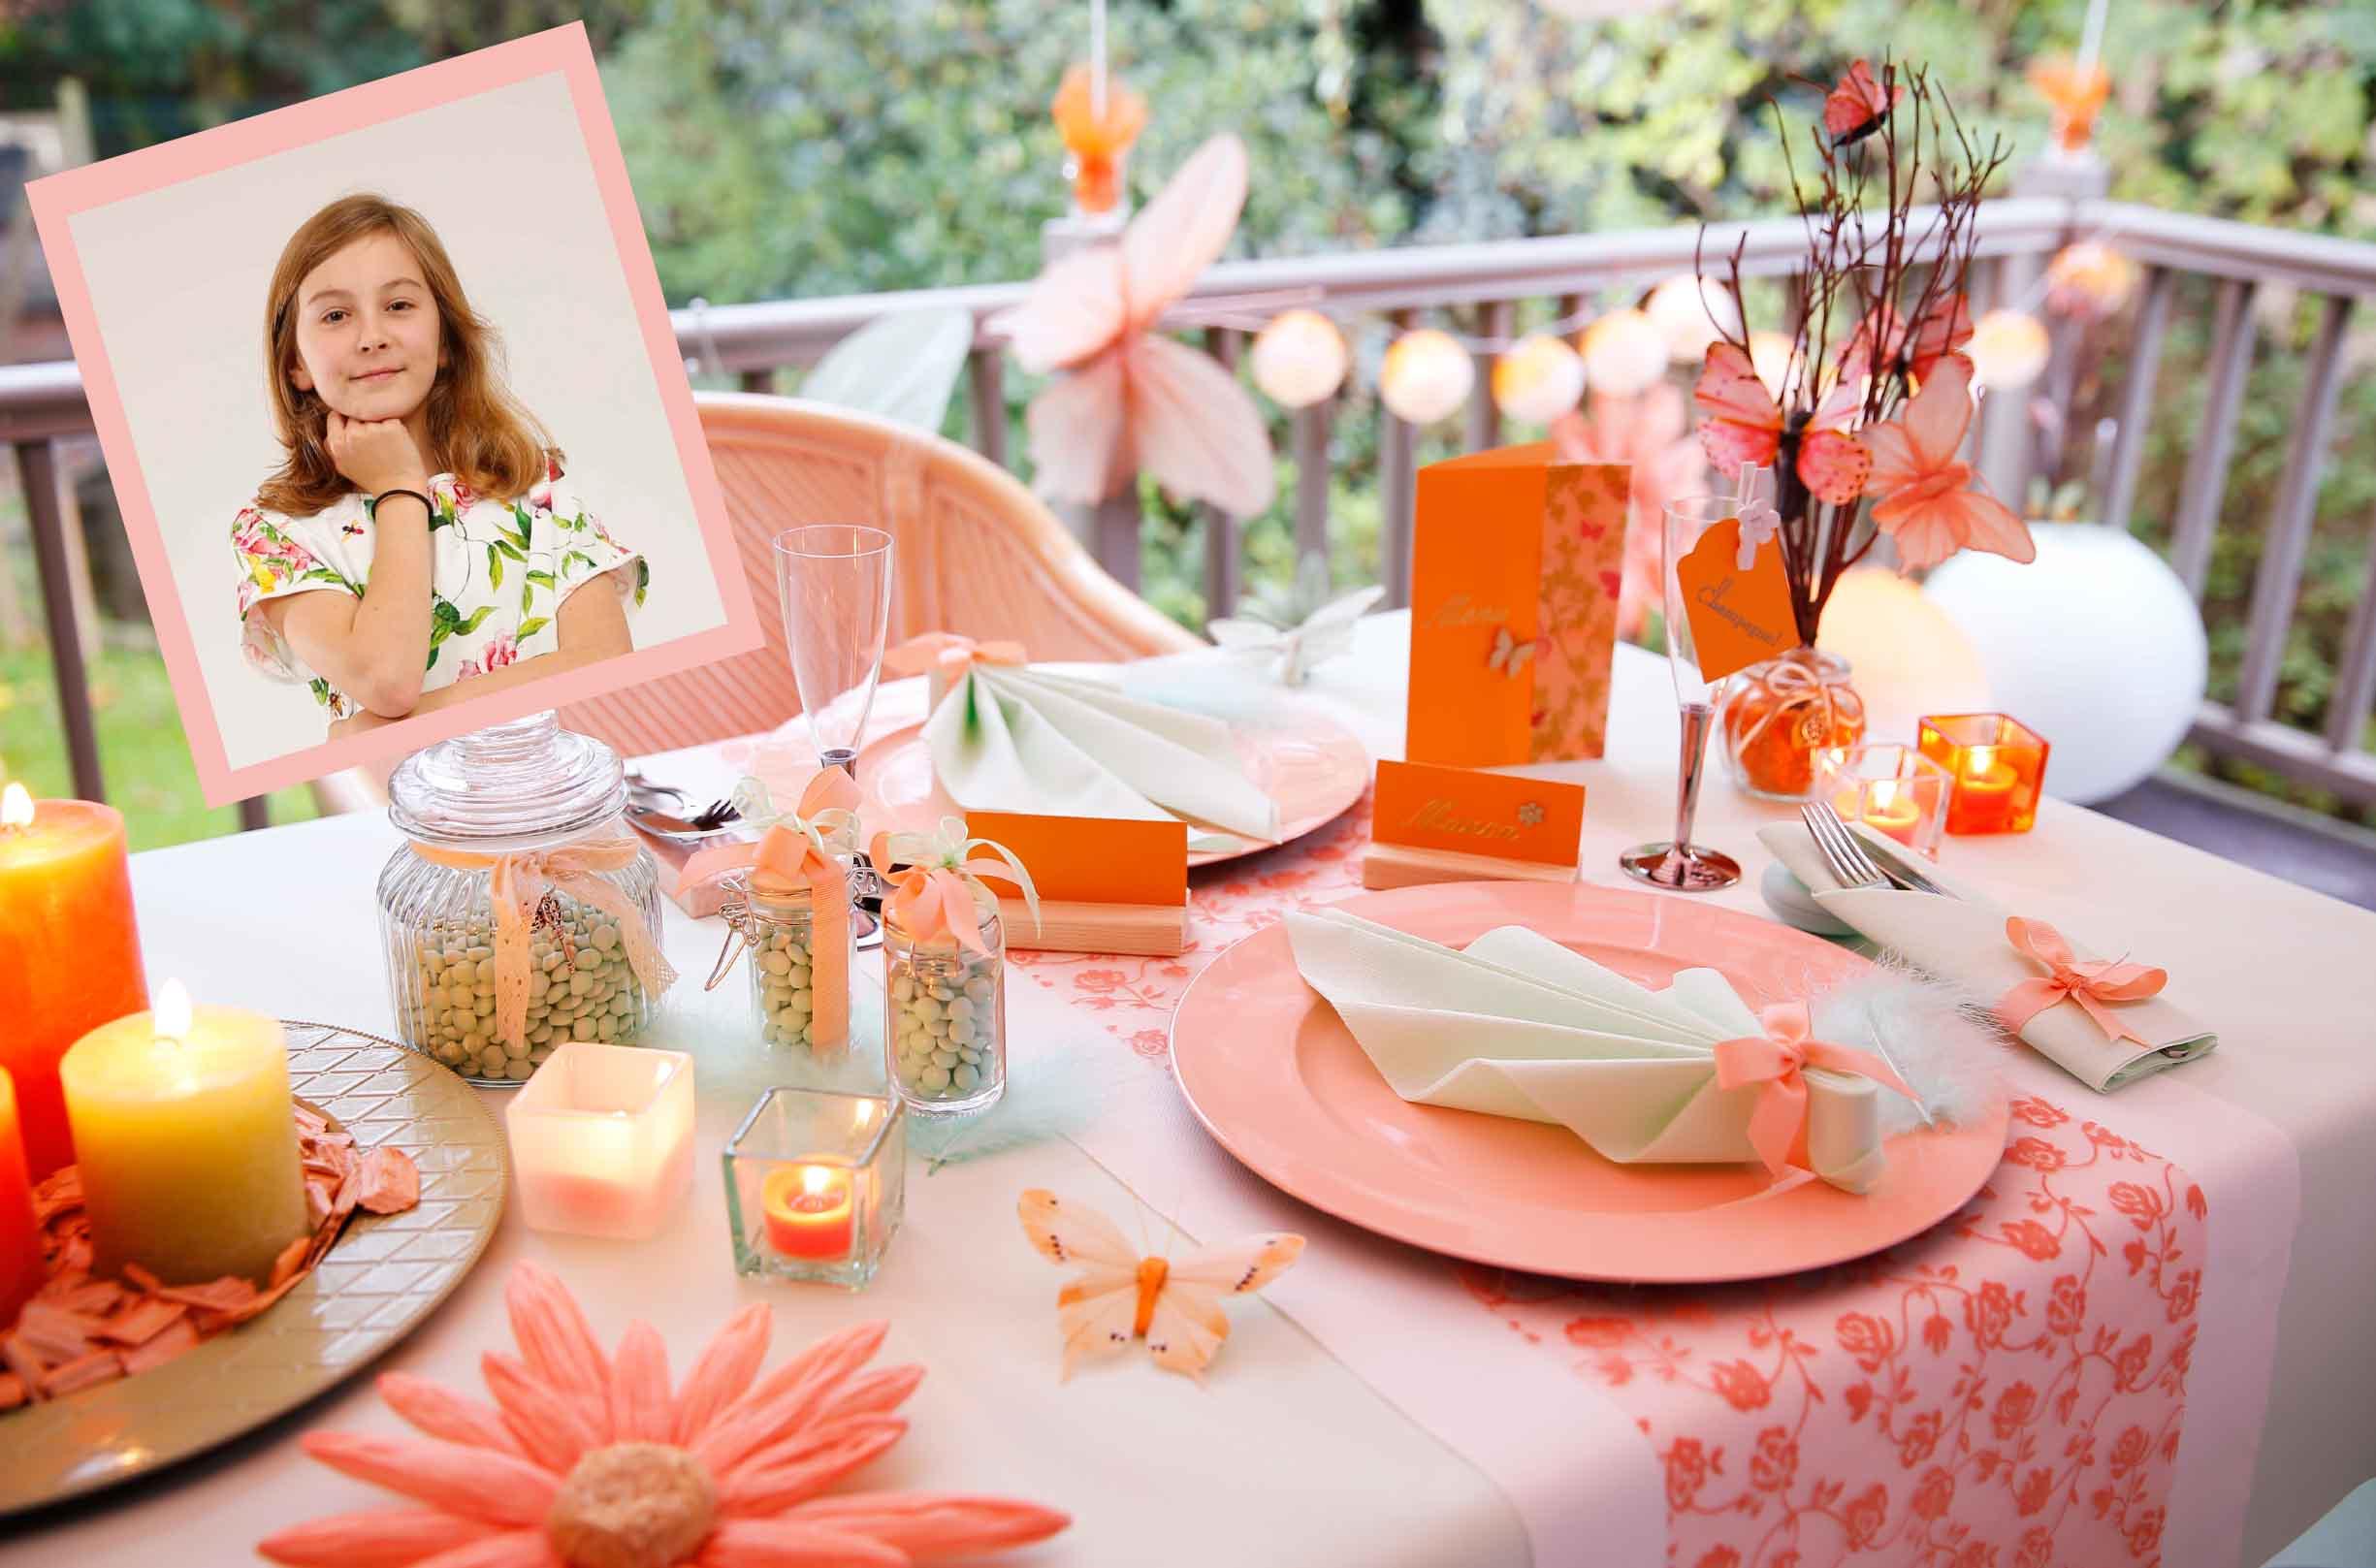 Populair Mijn communie of lentefeest wordt een fantastisch feest | AVA LA29